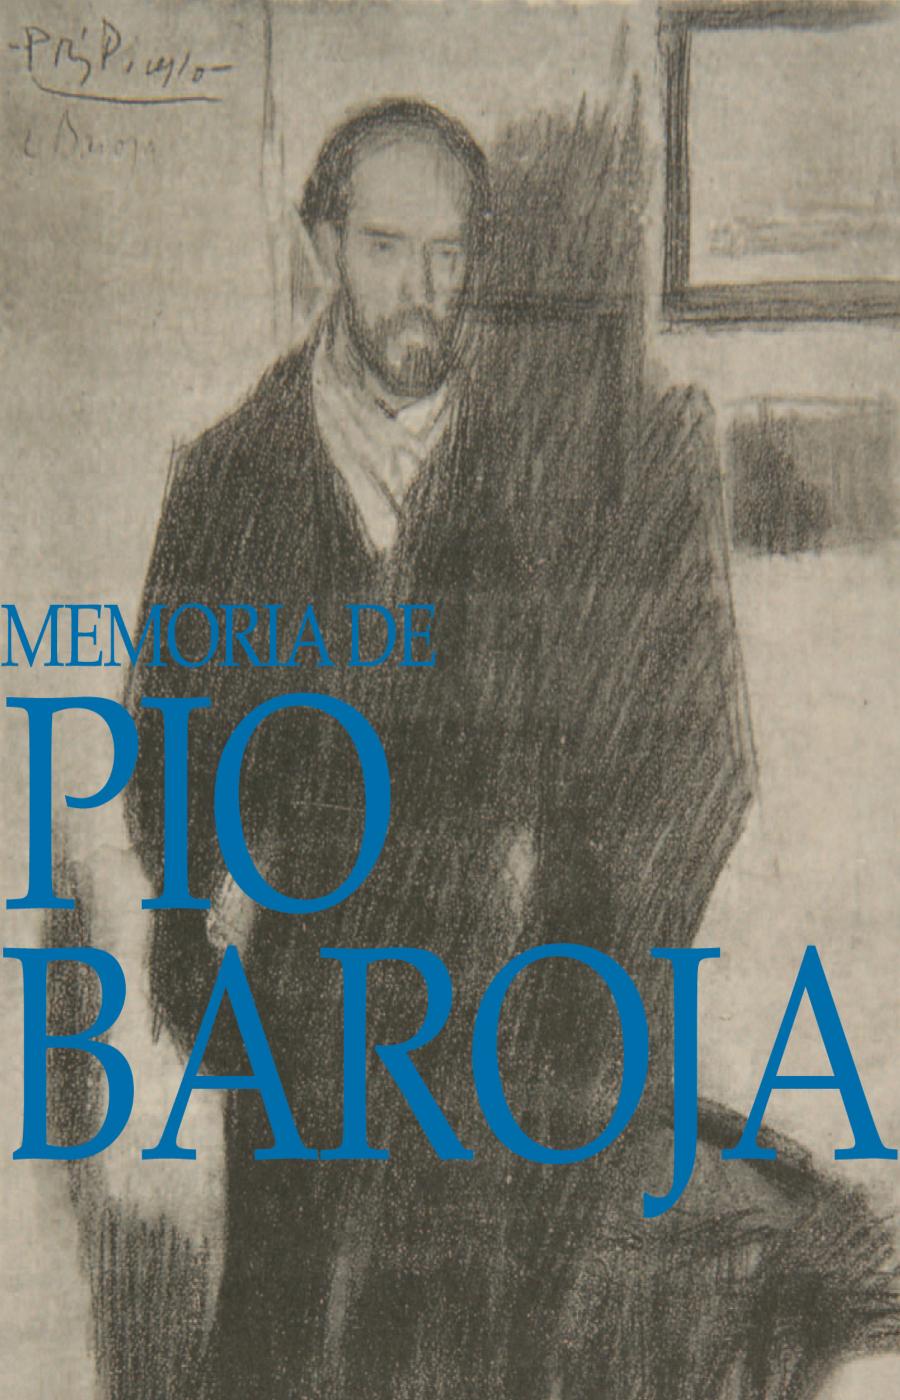 Memoria de Pío Baroja. Cartel de la exposición 2006